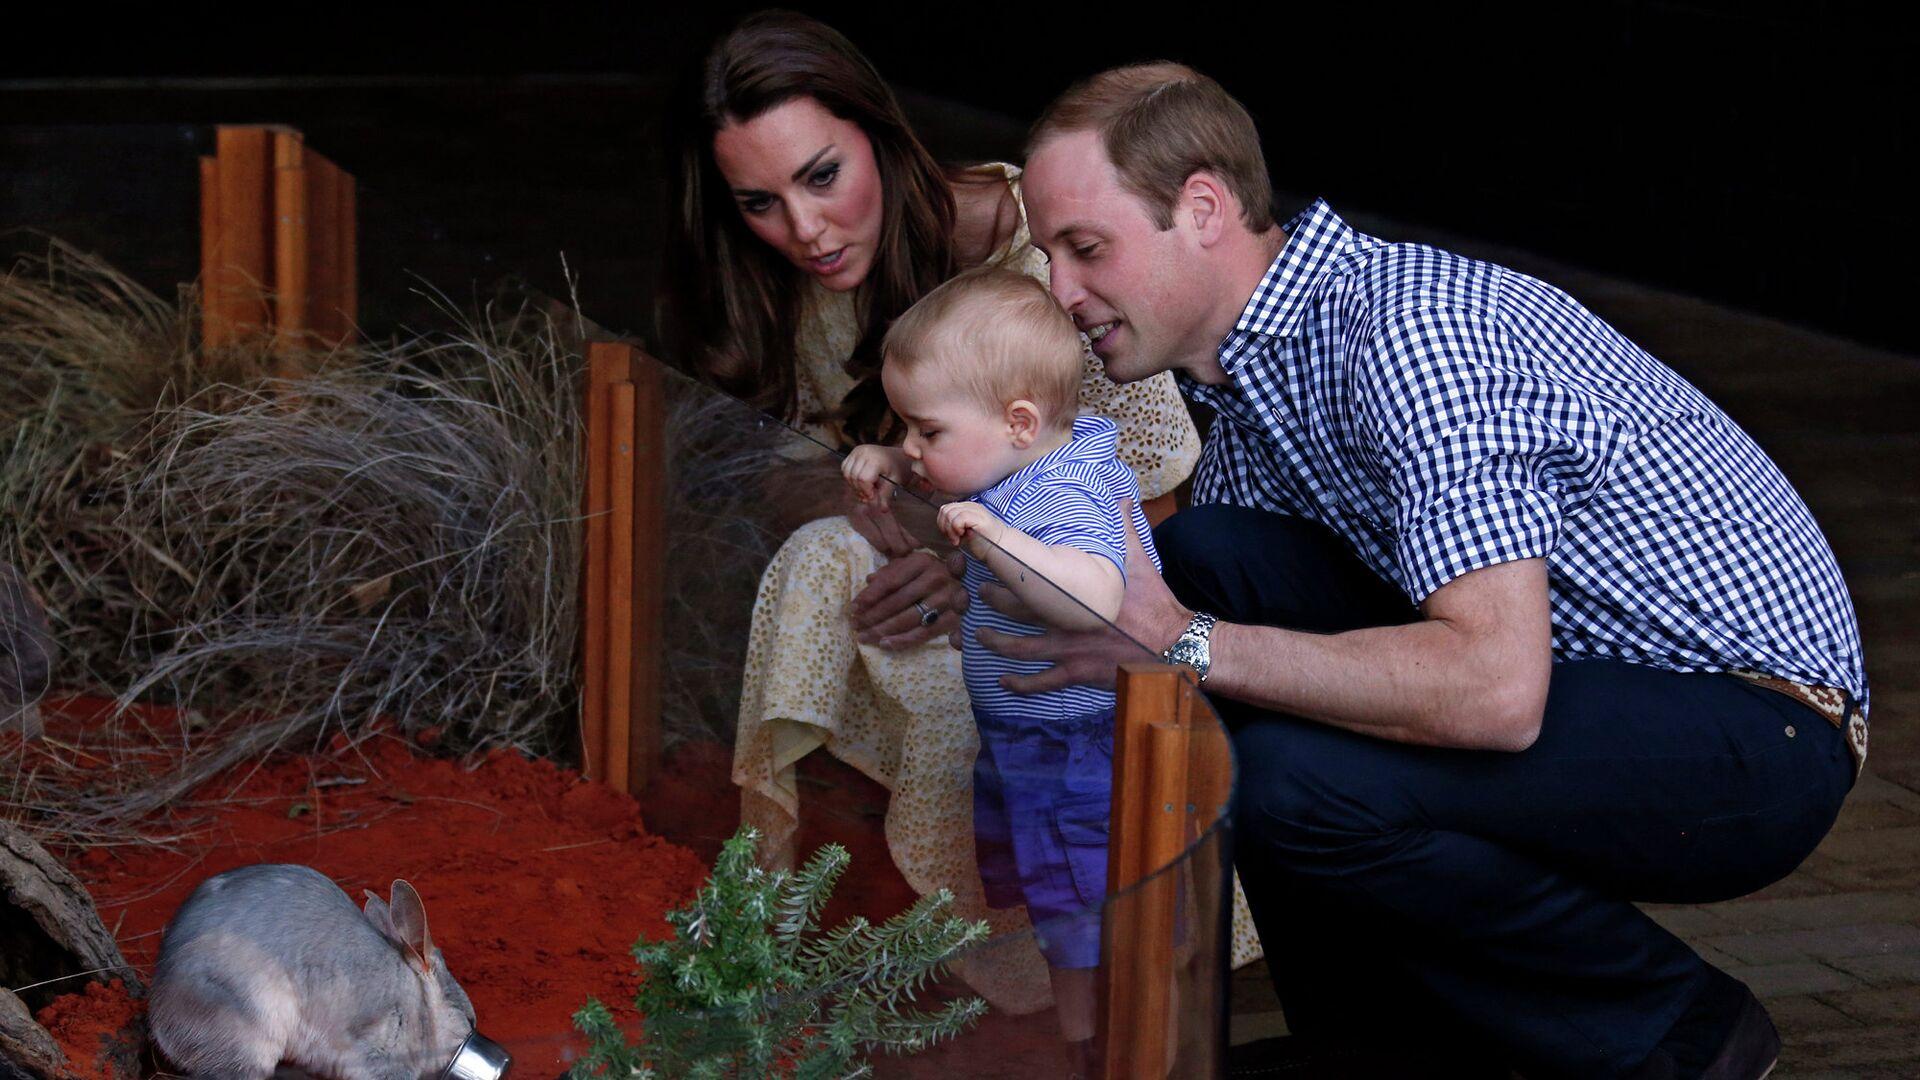 Принц Уильям и Кейт Миддлтон с сыном Джорджем в зоопарке Сиднея  - РИА Новости, 1920, 31.07.2021